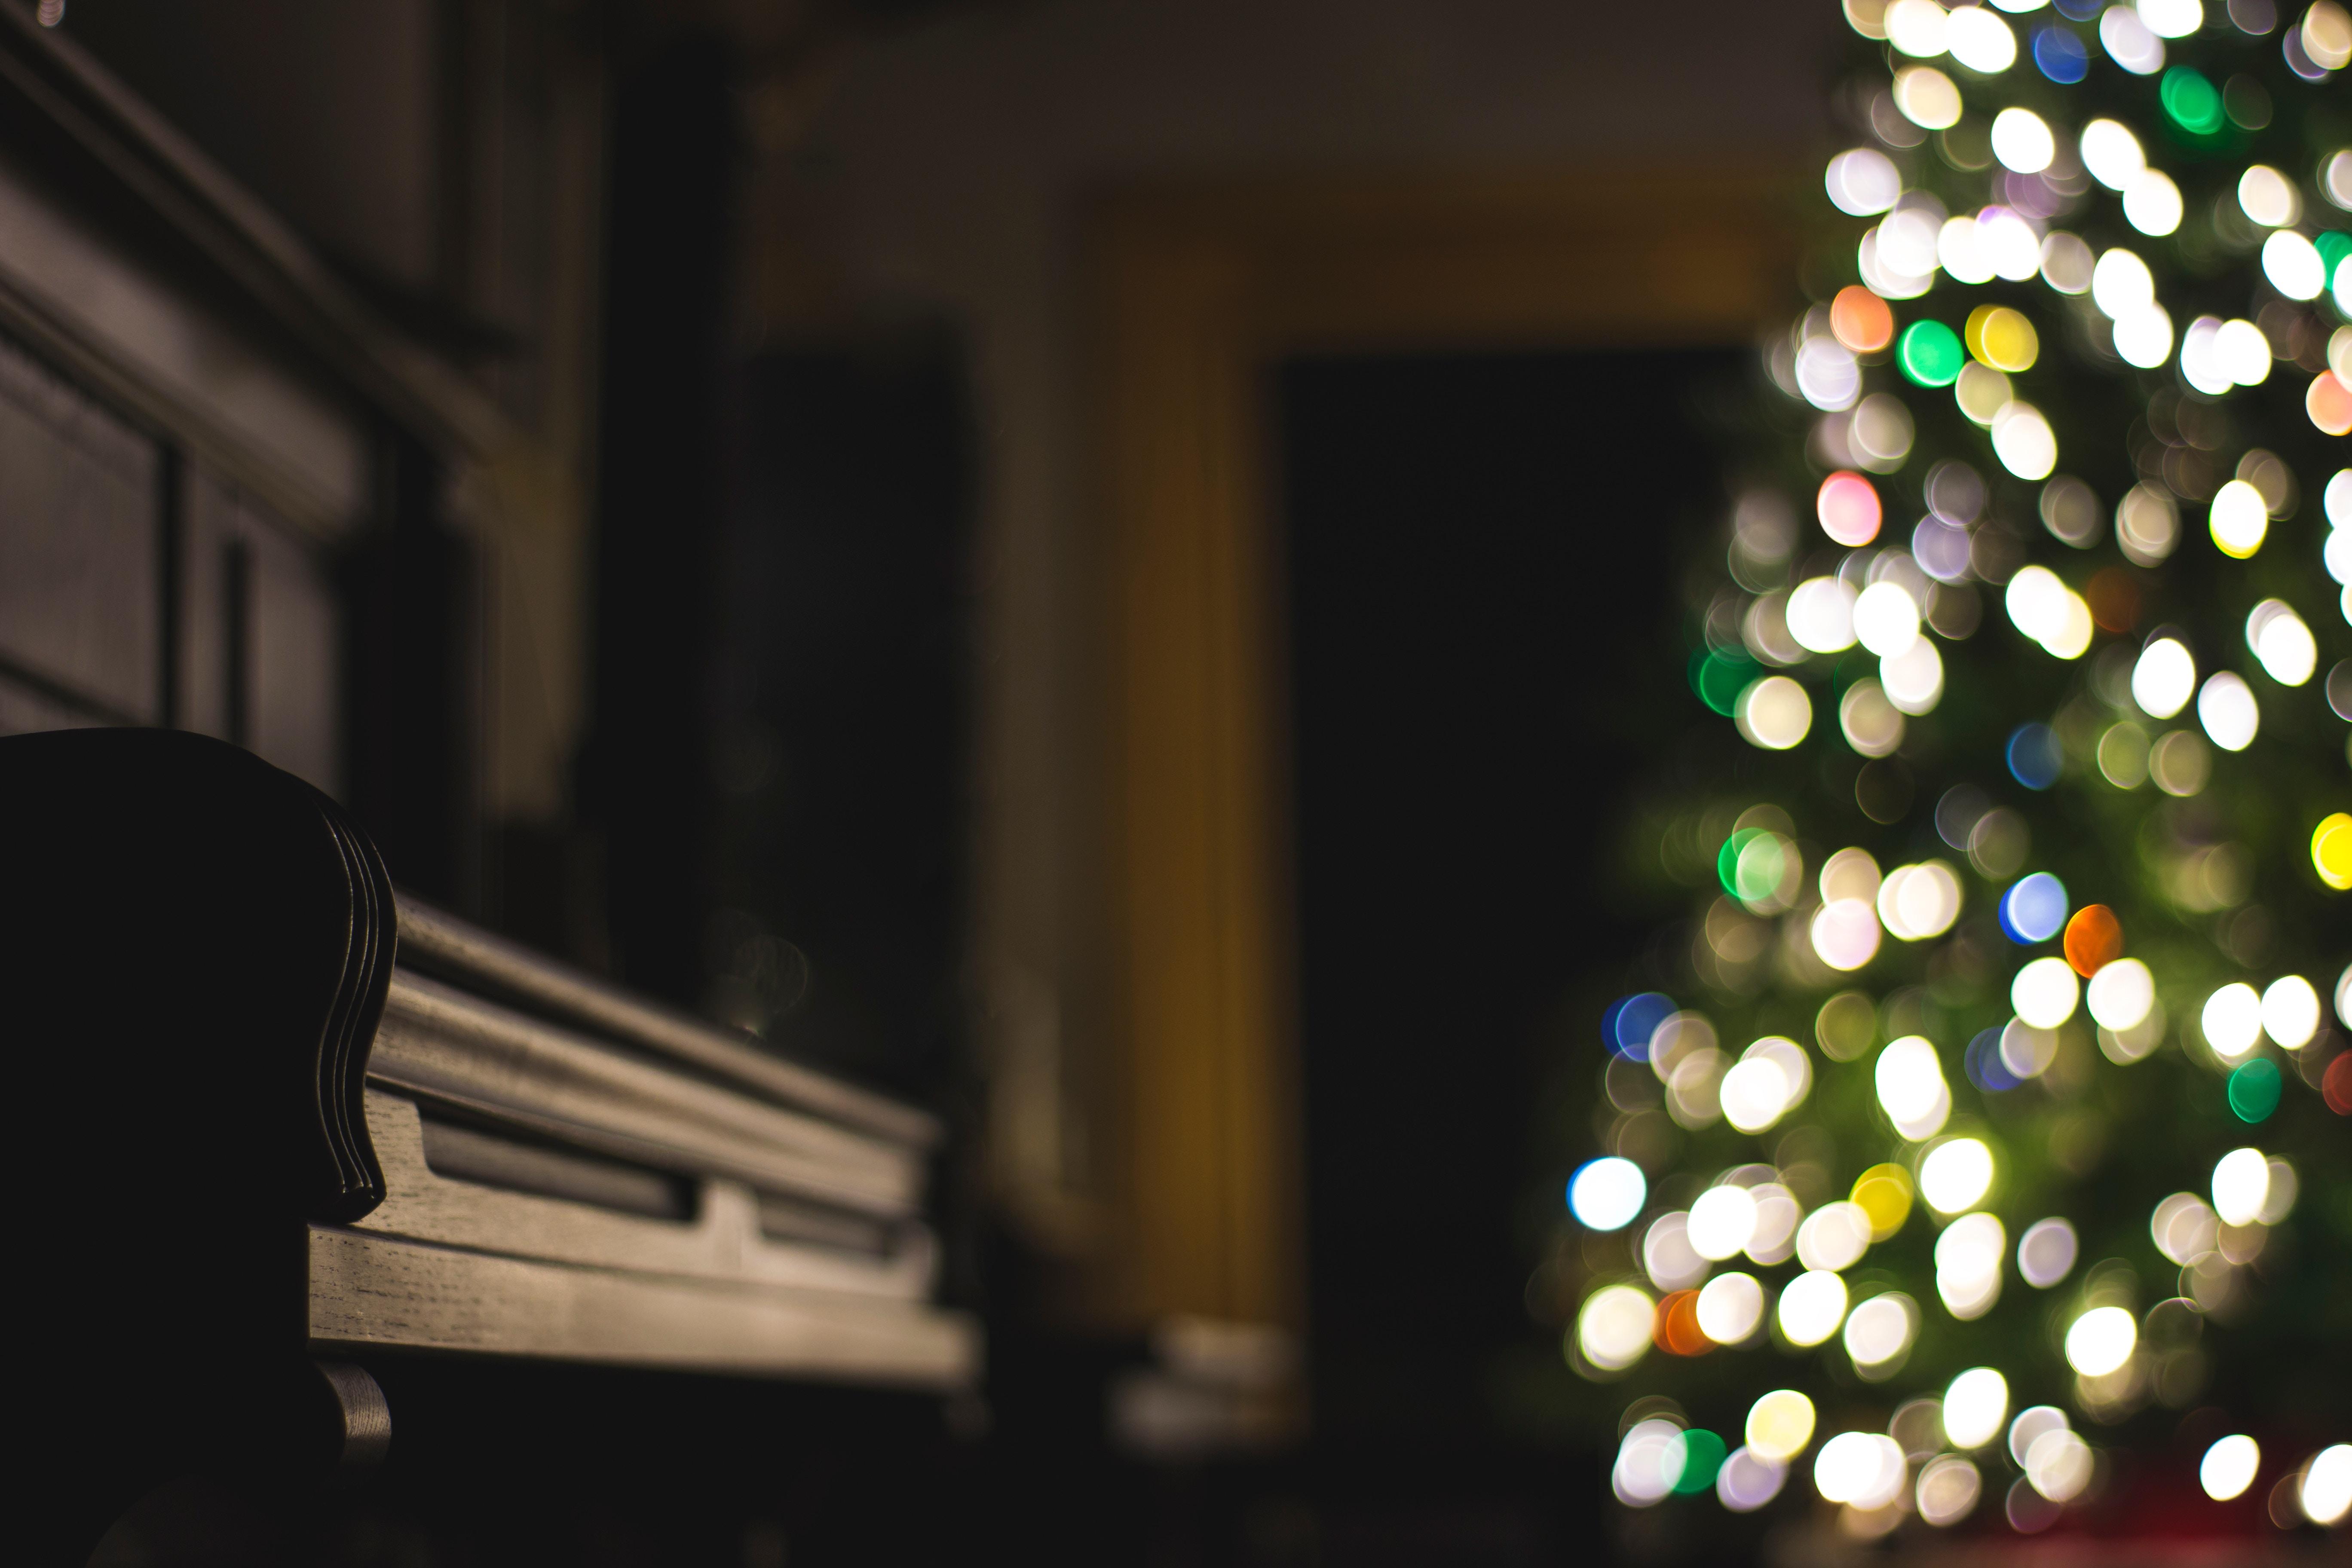 Klingende Weihnachten